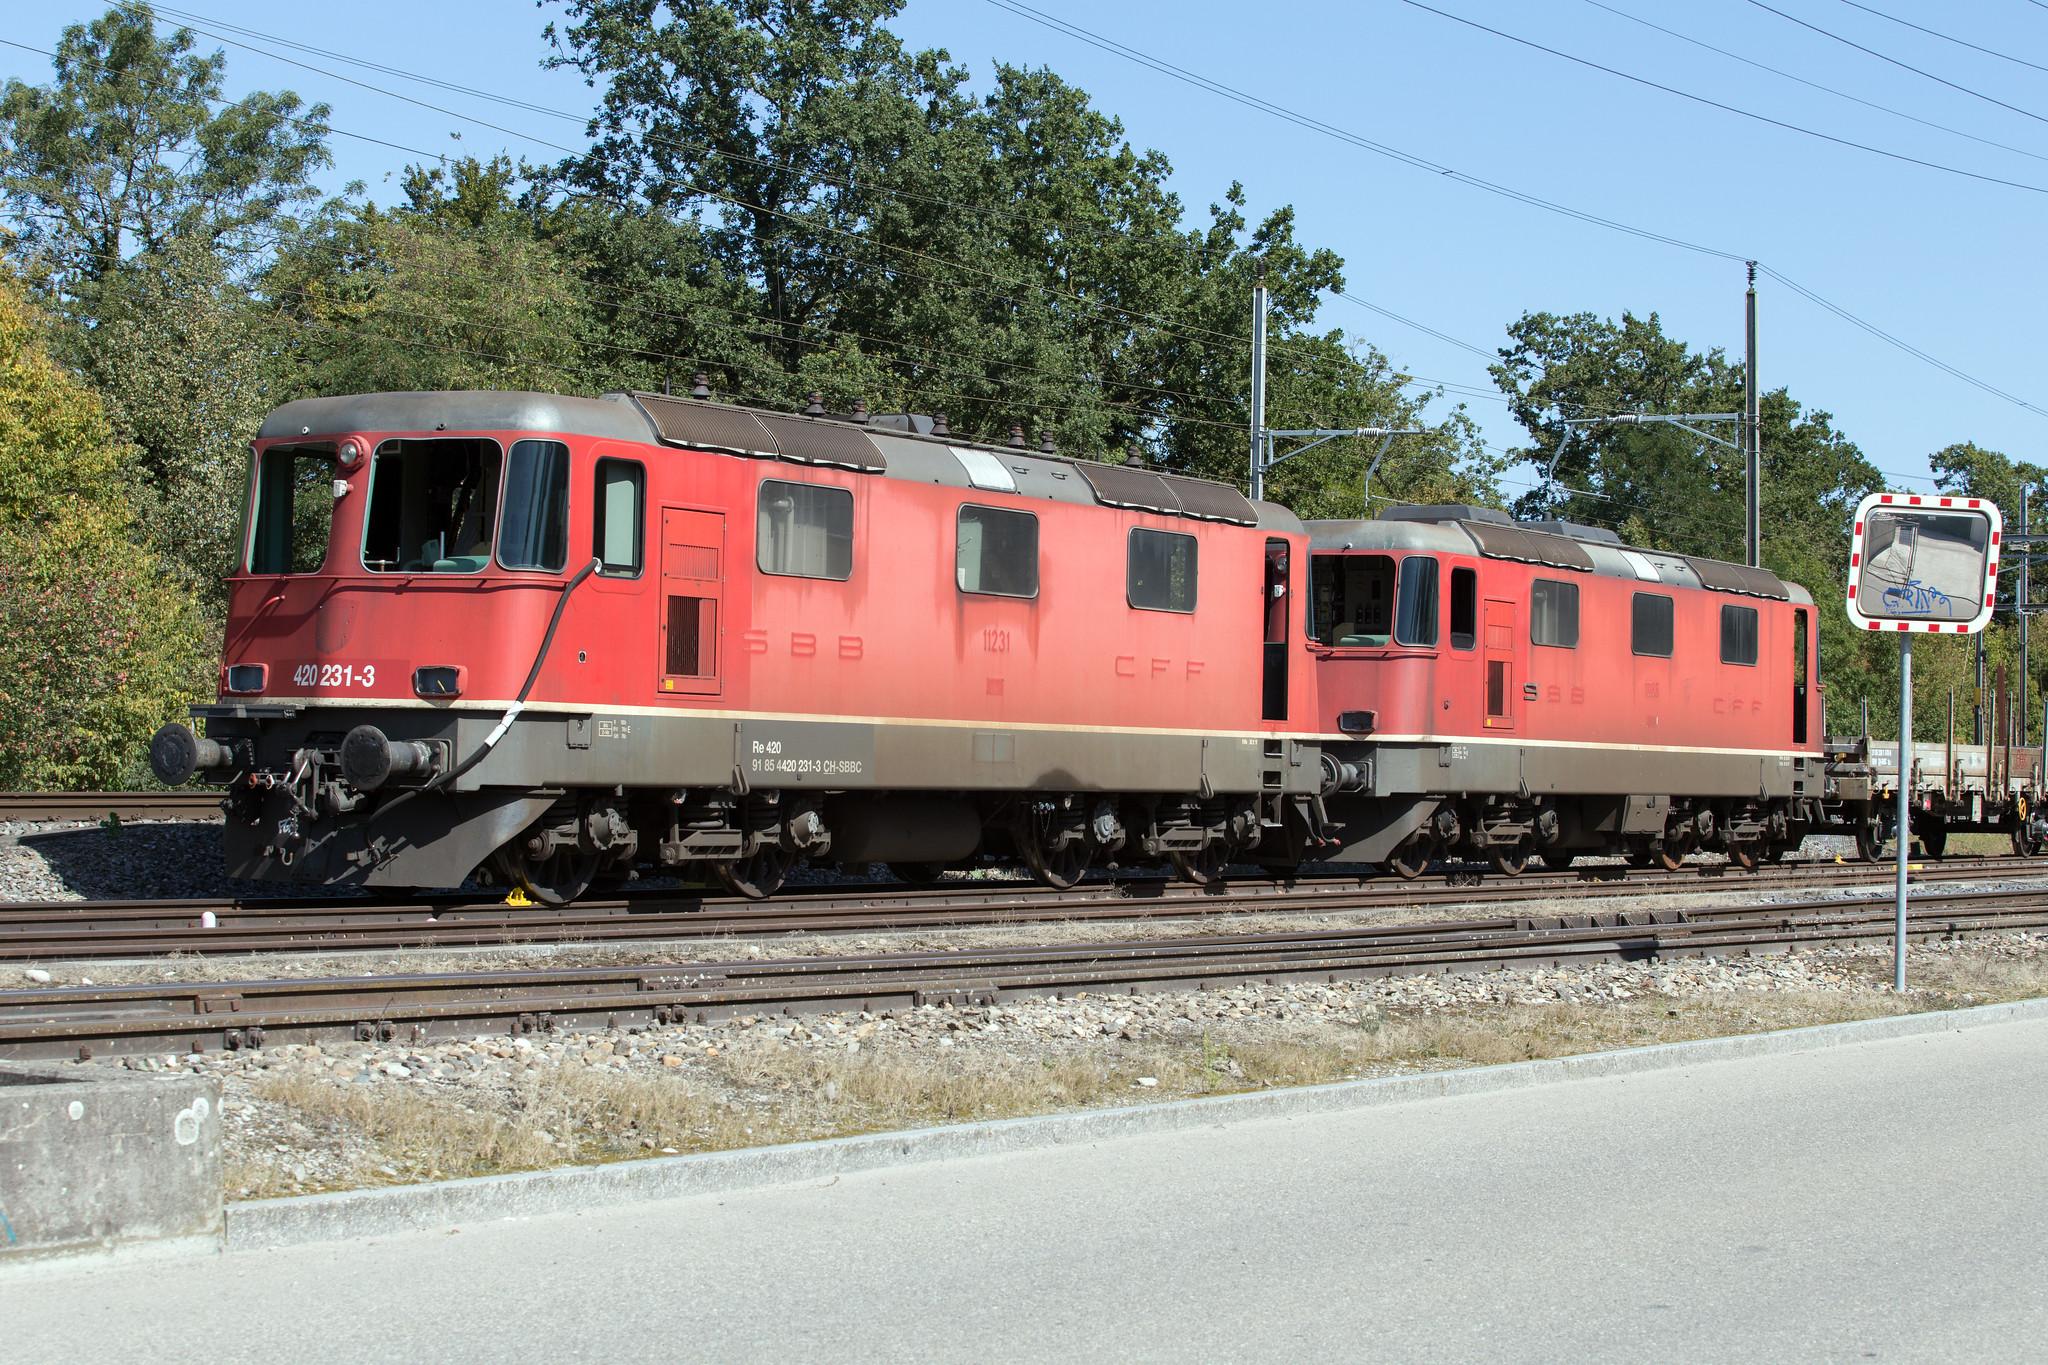 SBB Re 4/4 420 231 + 11166 Kaiseraugst